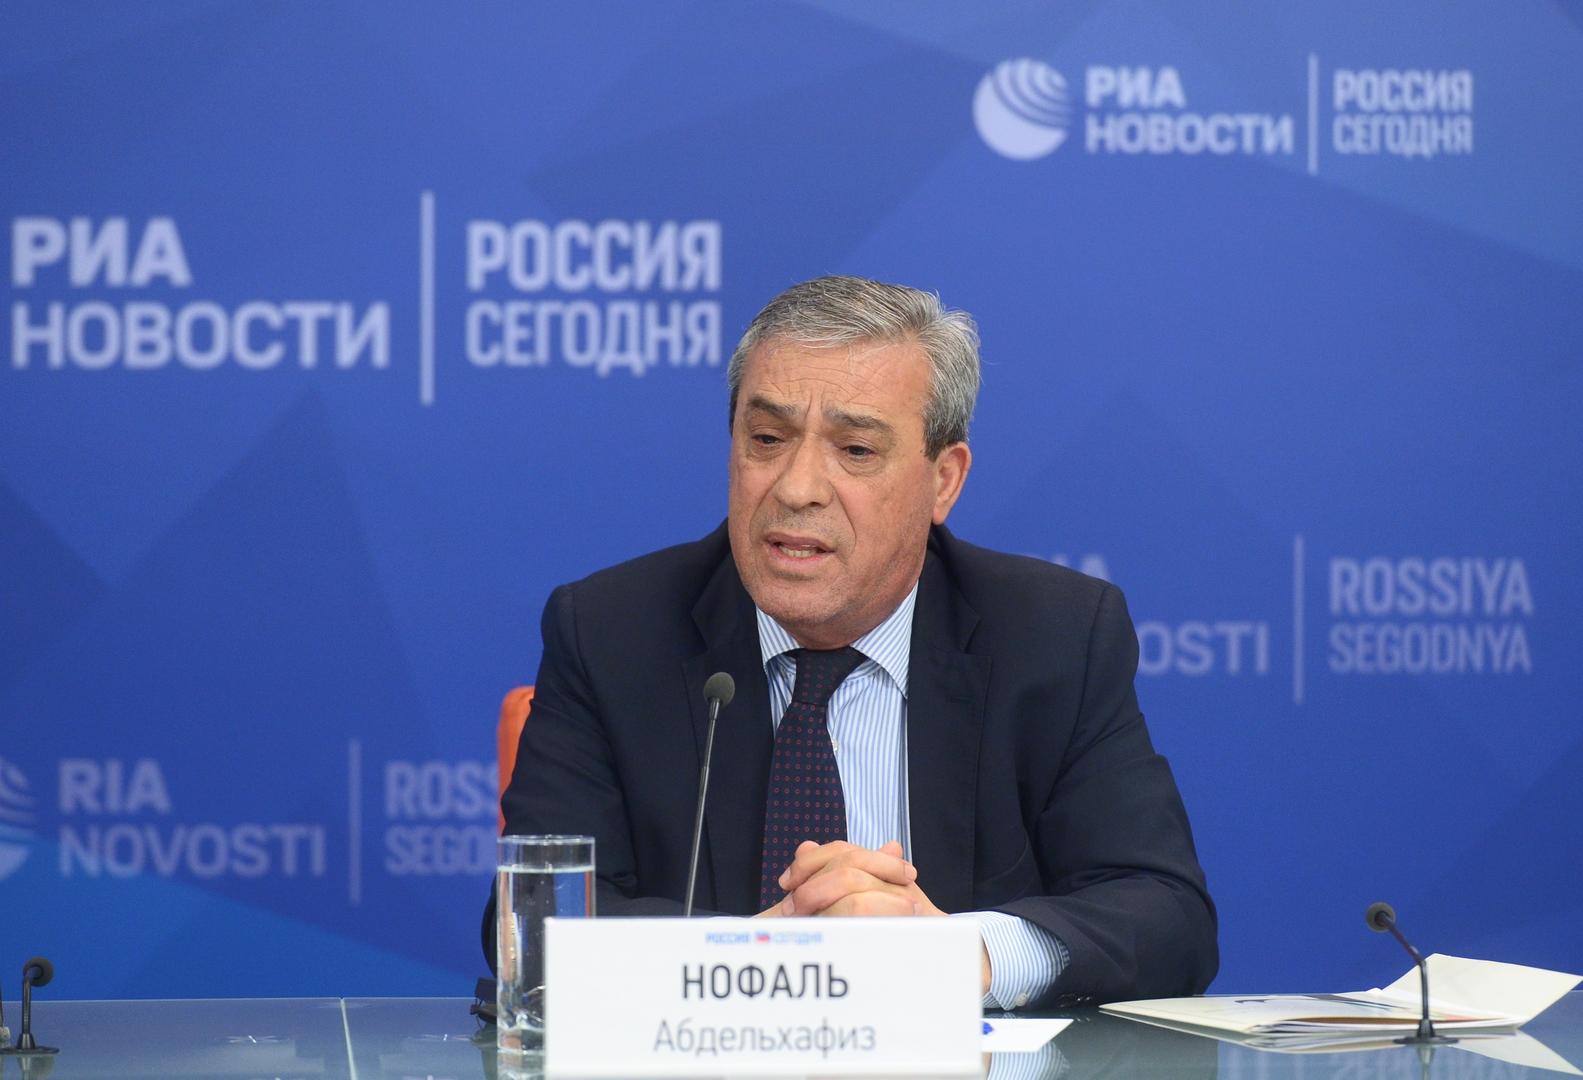 سفير فلسطين لدى موسكو يكشف عن شروط استئناف اتصالات بلاده مع إسرائيل